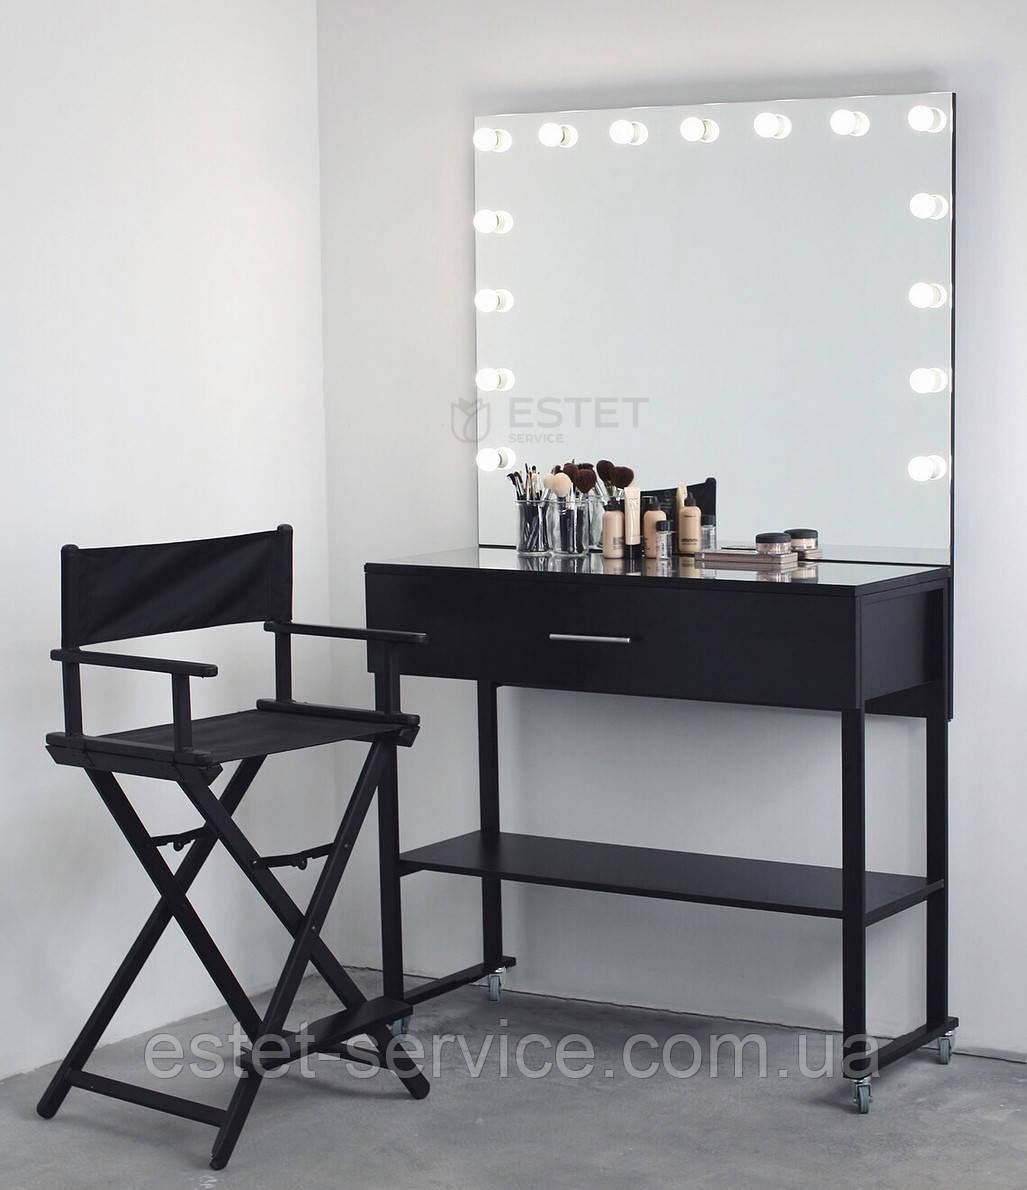 Гримерное зеркало с металлическими ножками и лампочками в зеркале